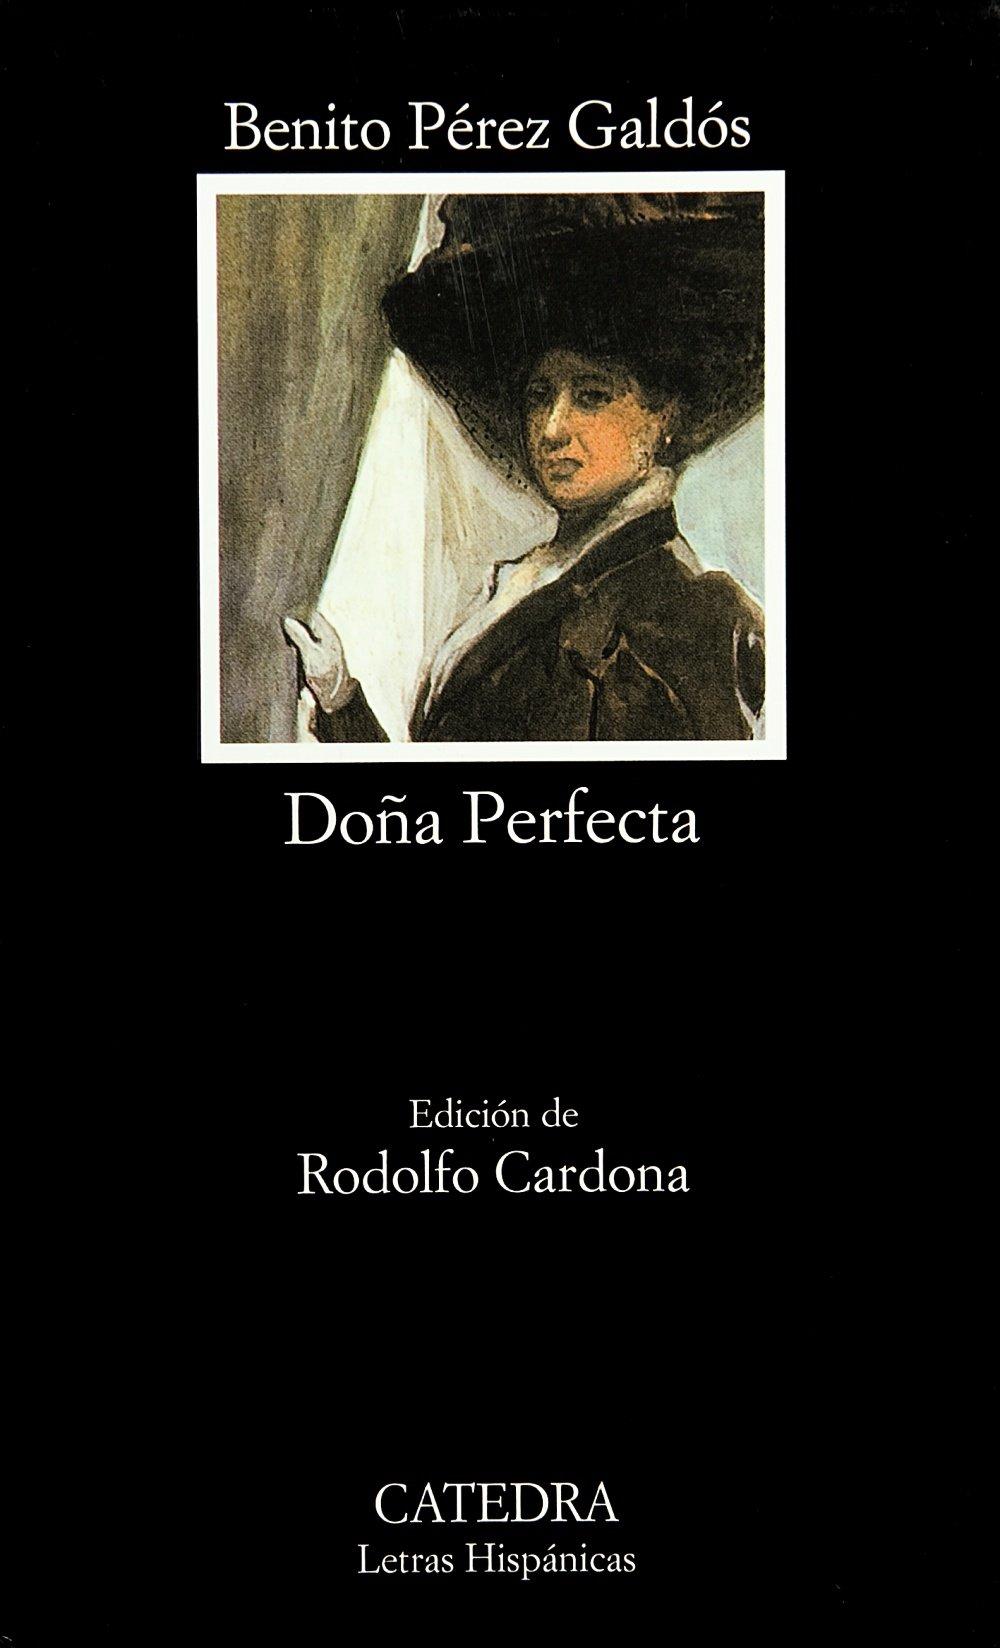 Doña Perfecta: Dona Perfecta (Letras Hispánicas) Tapa blanda – 4 jul 2005 Benito Pérez Galdós Cátedra 8437603722 Fiction / General